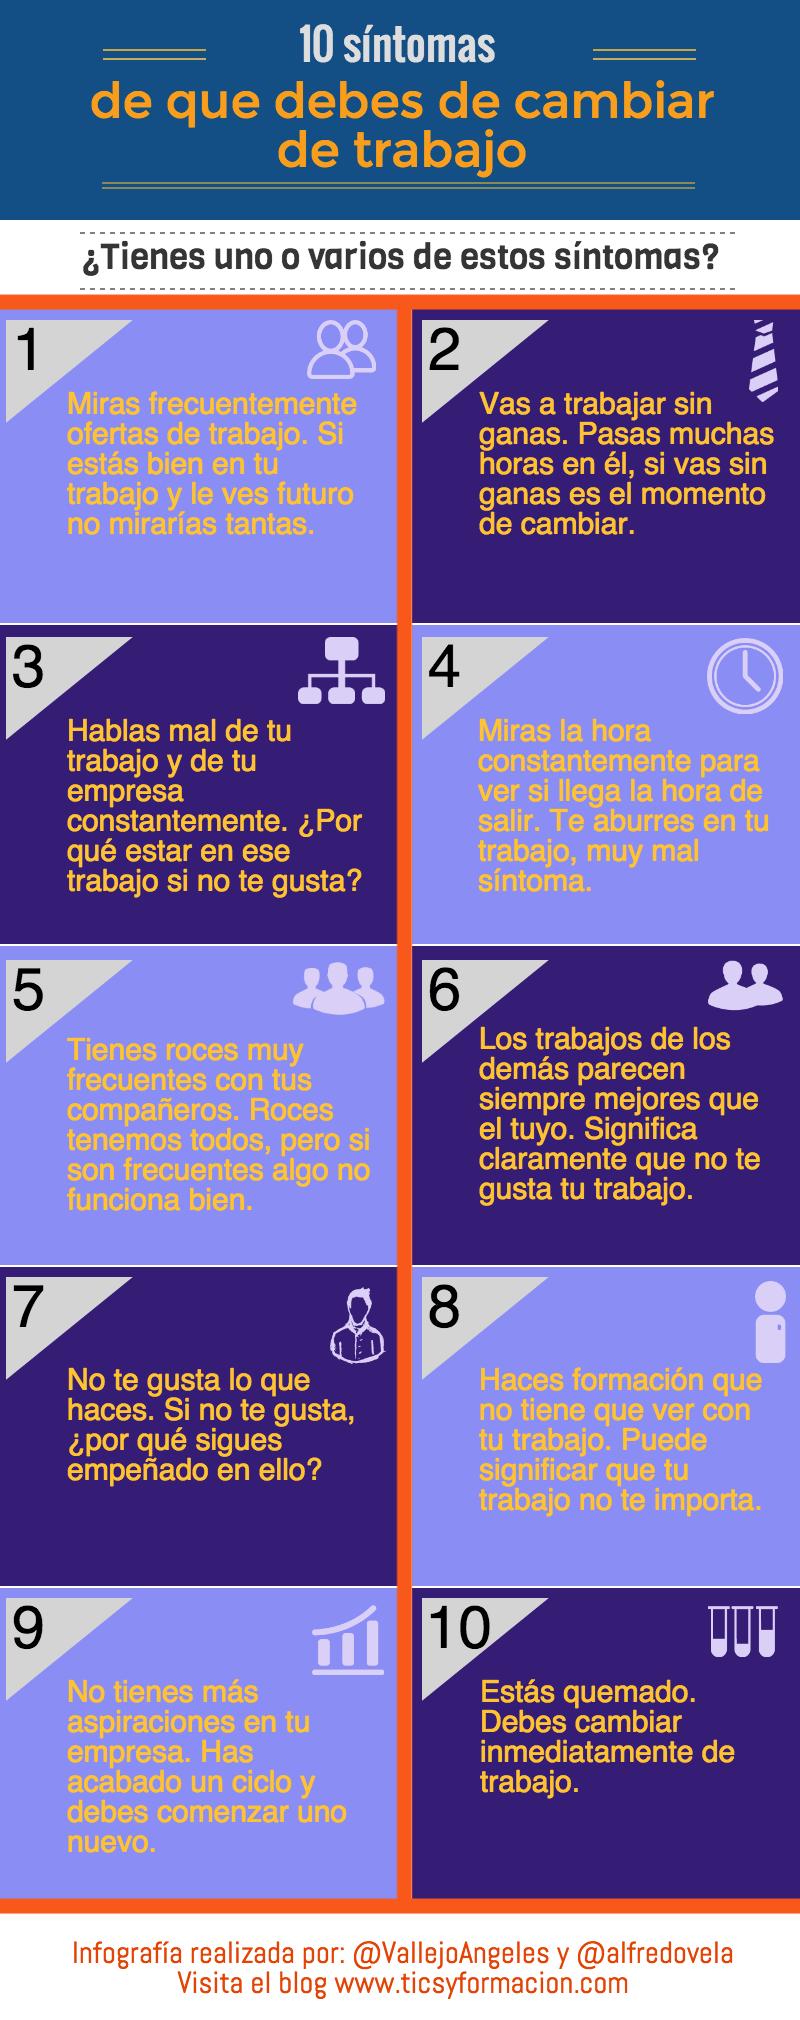 10 síntomas de que debes cambiar de trabajo